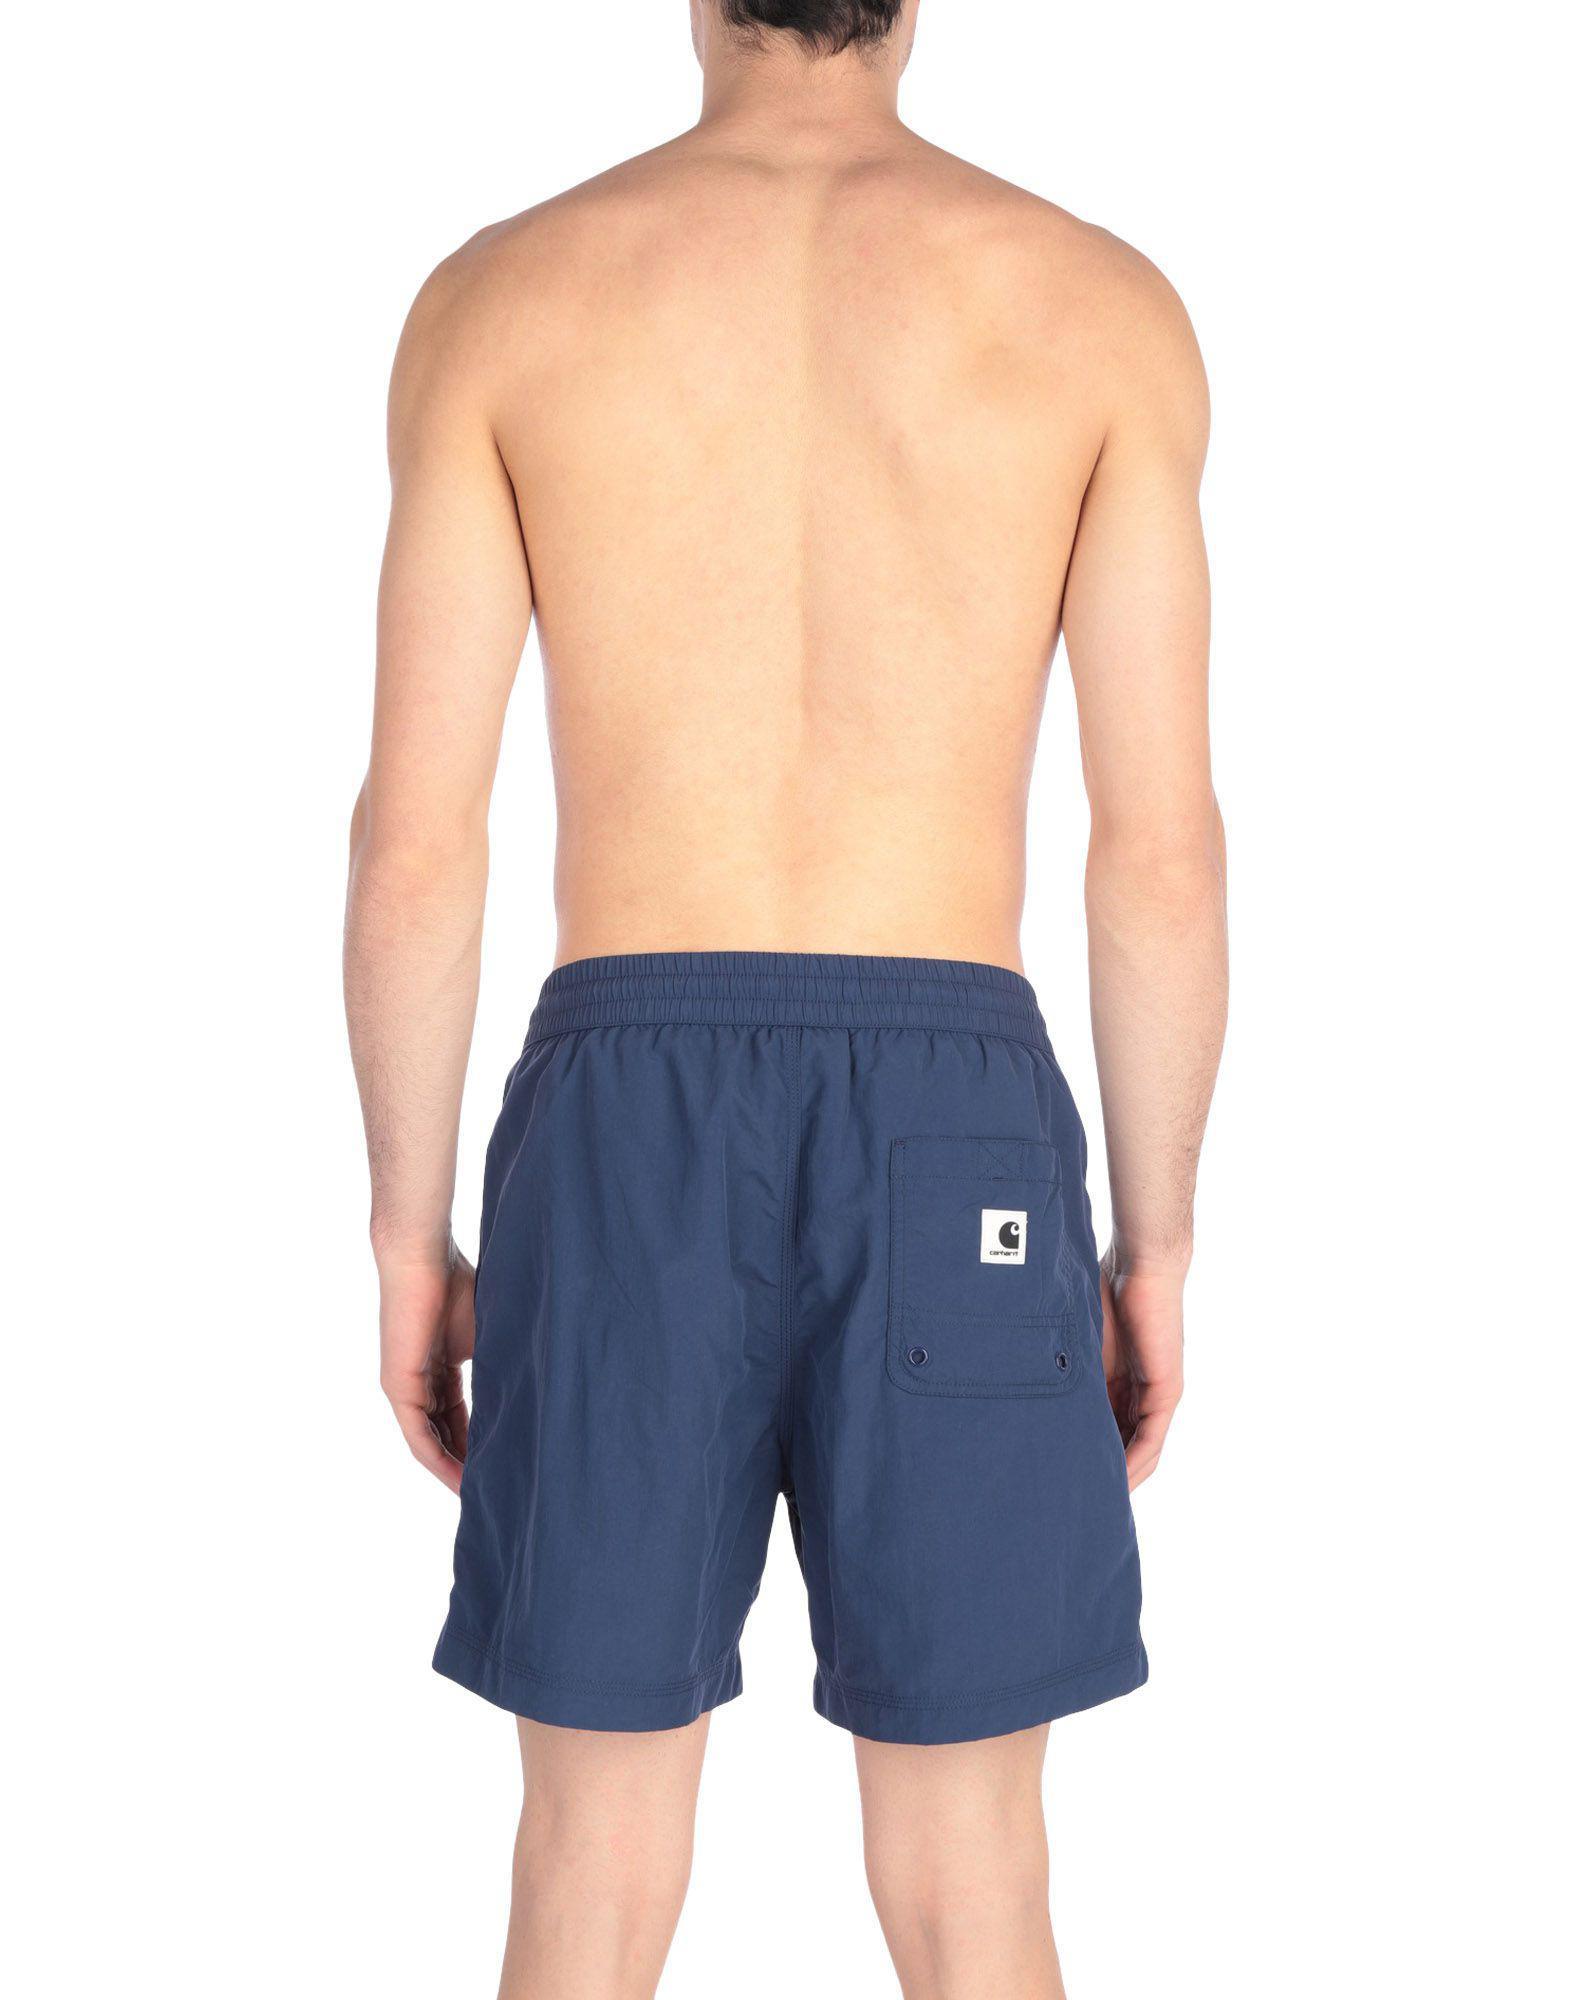 323141e42f07d Carhartt Swim Trunks in Blue for Men - Lyst